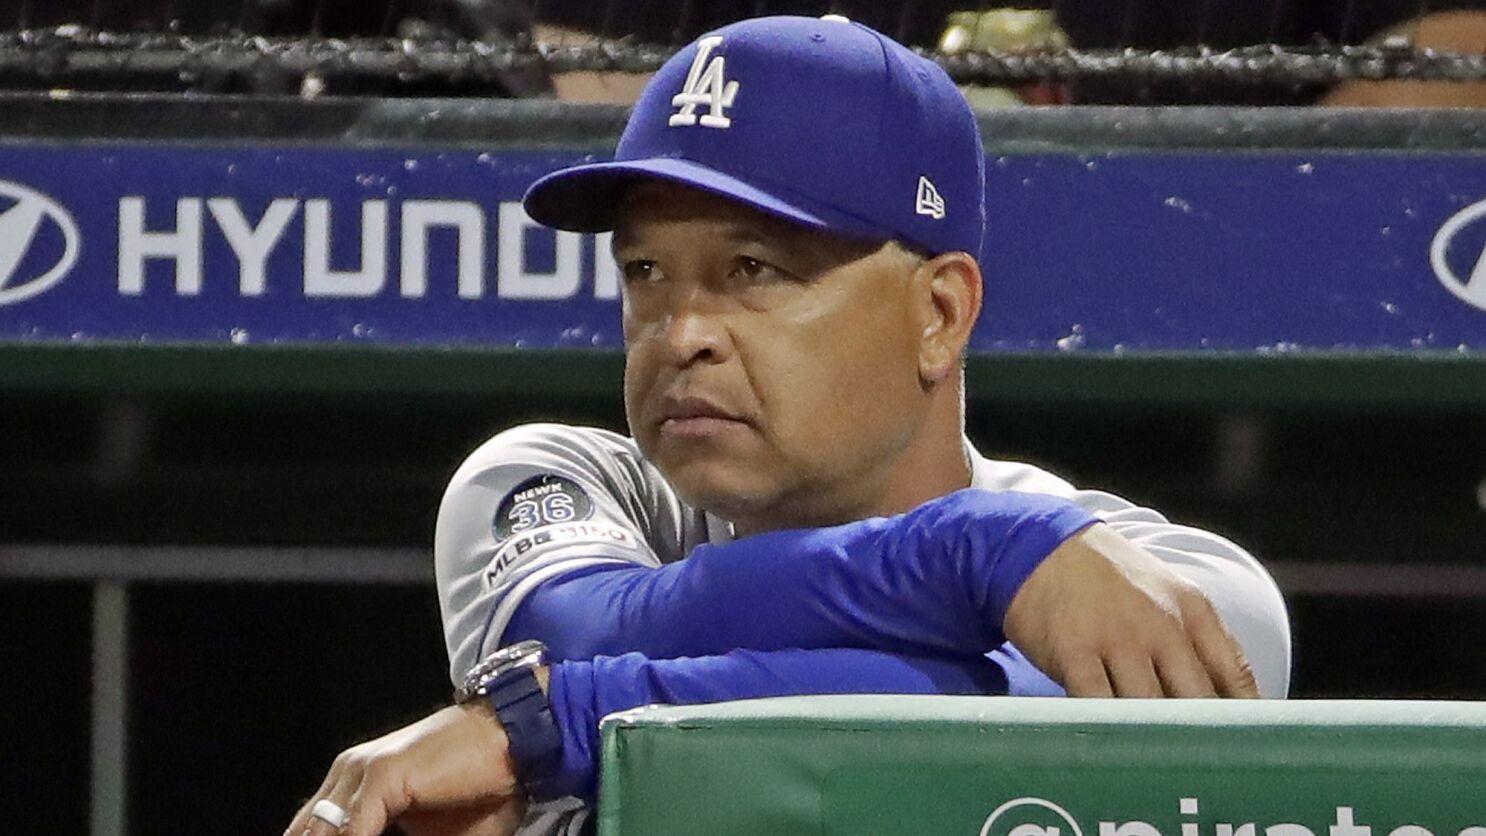 2020 Dodgers Schedule Dodgers release 2020 regular season schedule   Los Angeles Times